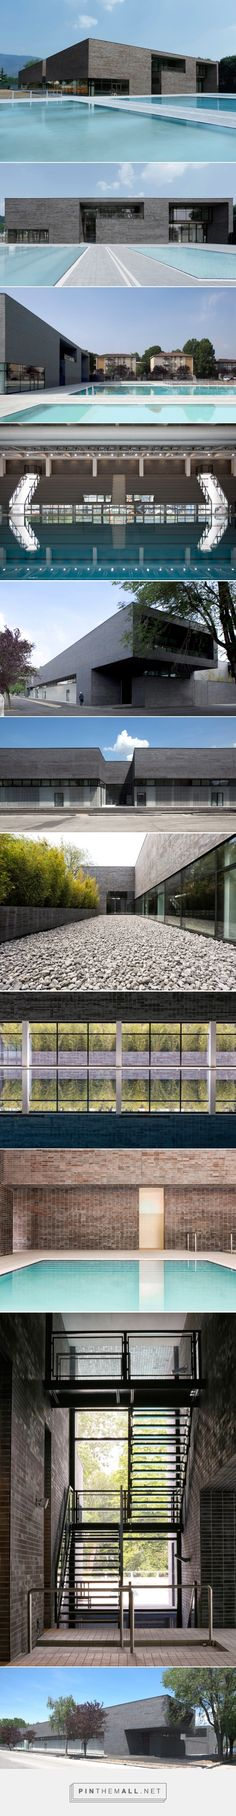 camillo botticini architetto clads entire brescia swimming center with black brick - created via http://pinthemall.net